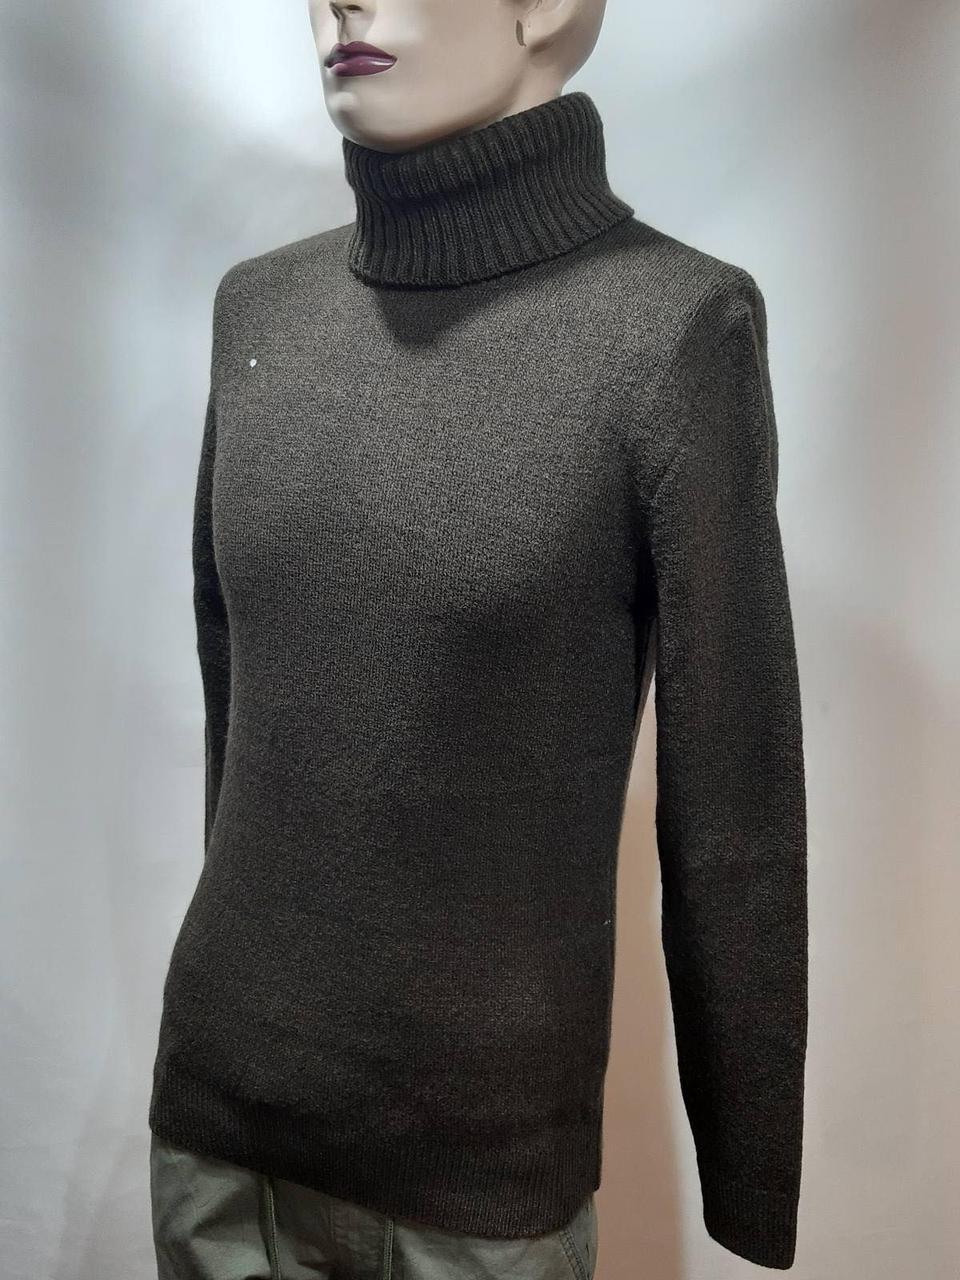 Мужской теплый шерстяной гольф Rewac зимний турецкий свитер под горло Коричневый